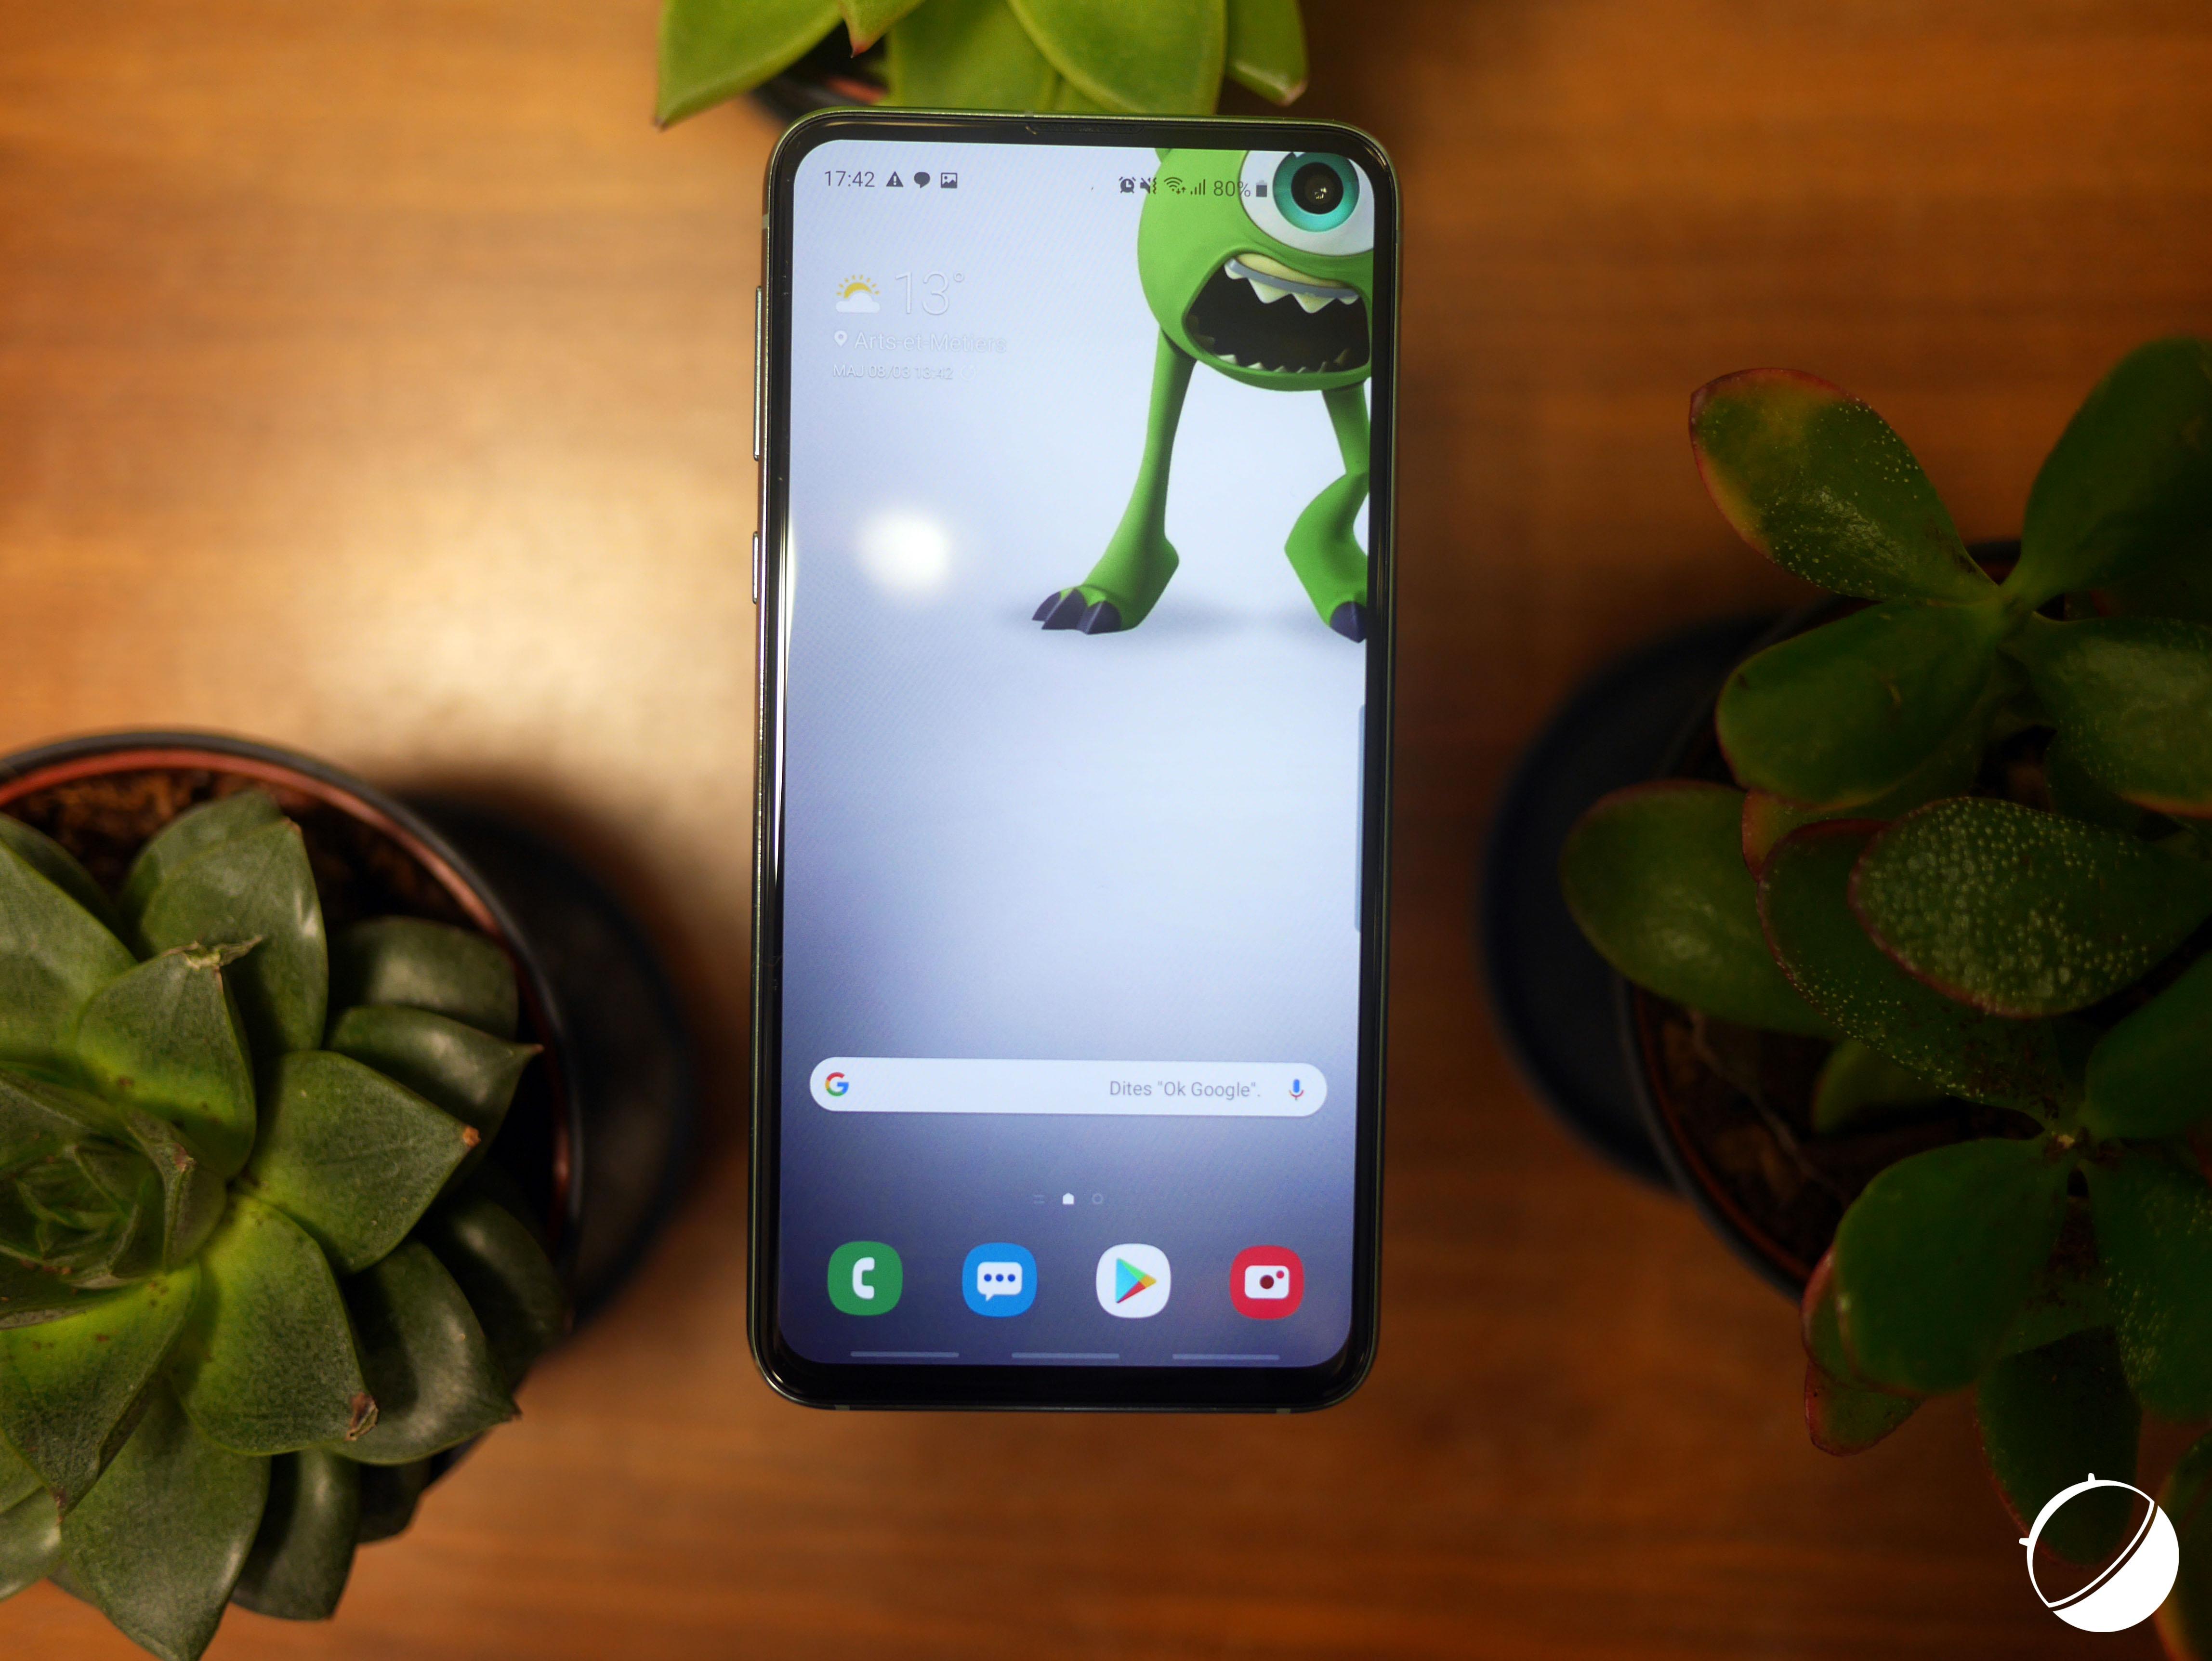 Le Samsung Galaxy S10 Lite serait bien un smartphone haut de gamme